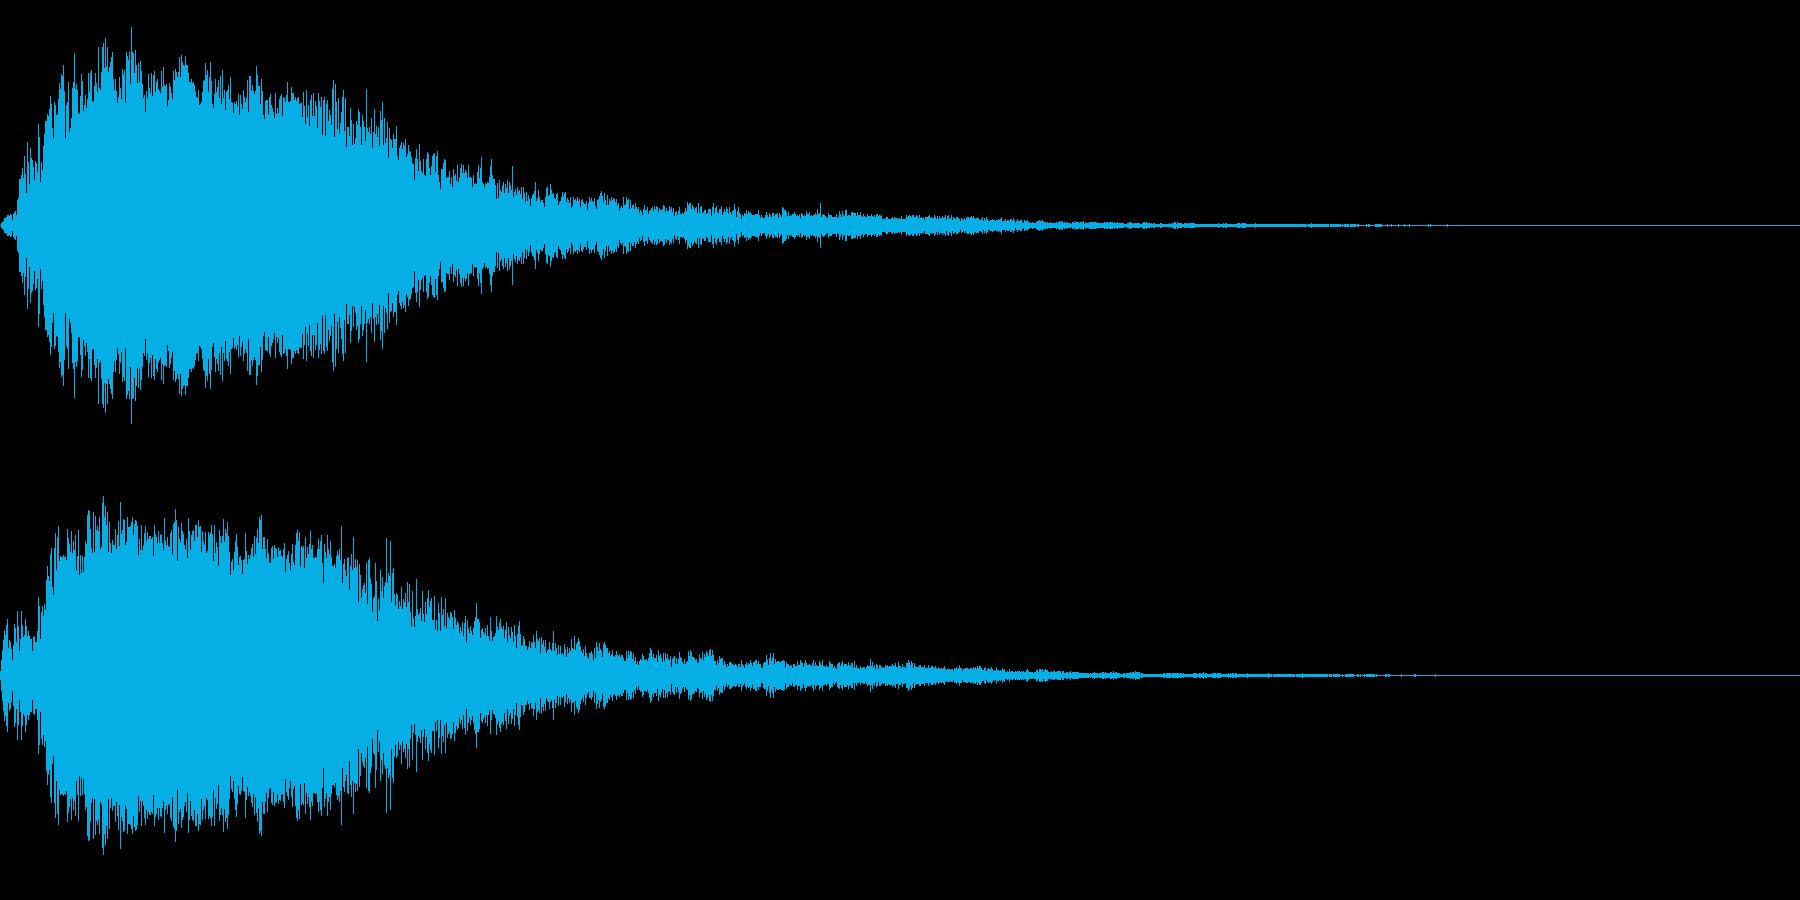 シャキーン!ド派手なインパクト効果音37の再生済みの波形